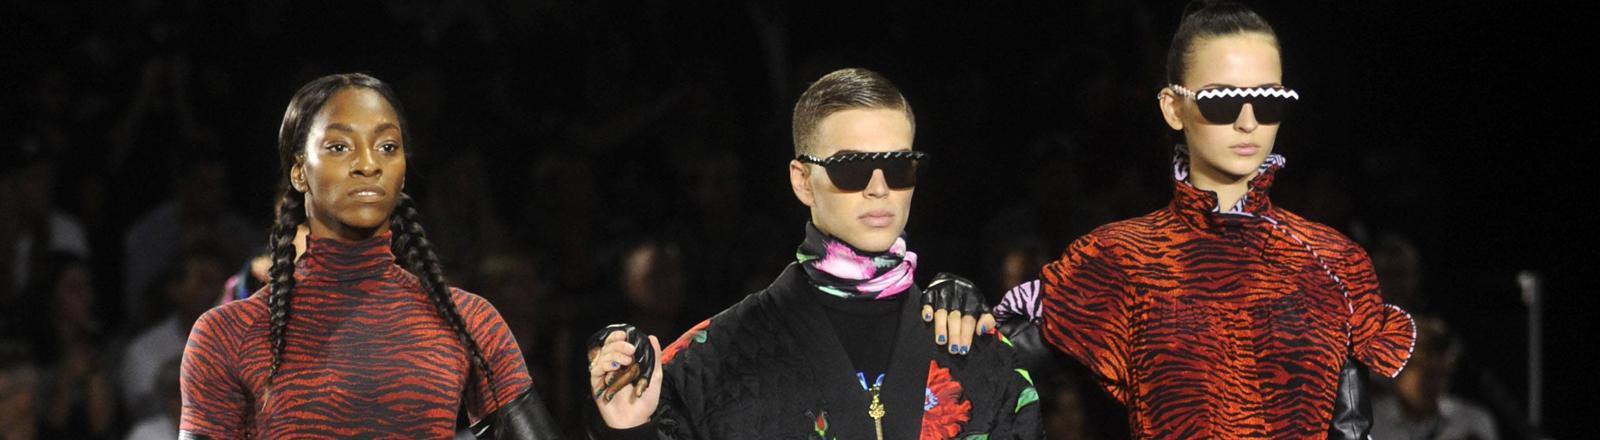 Models beim Launch der Kenzo-H&M-KOllektion in New York